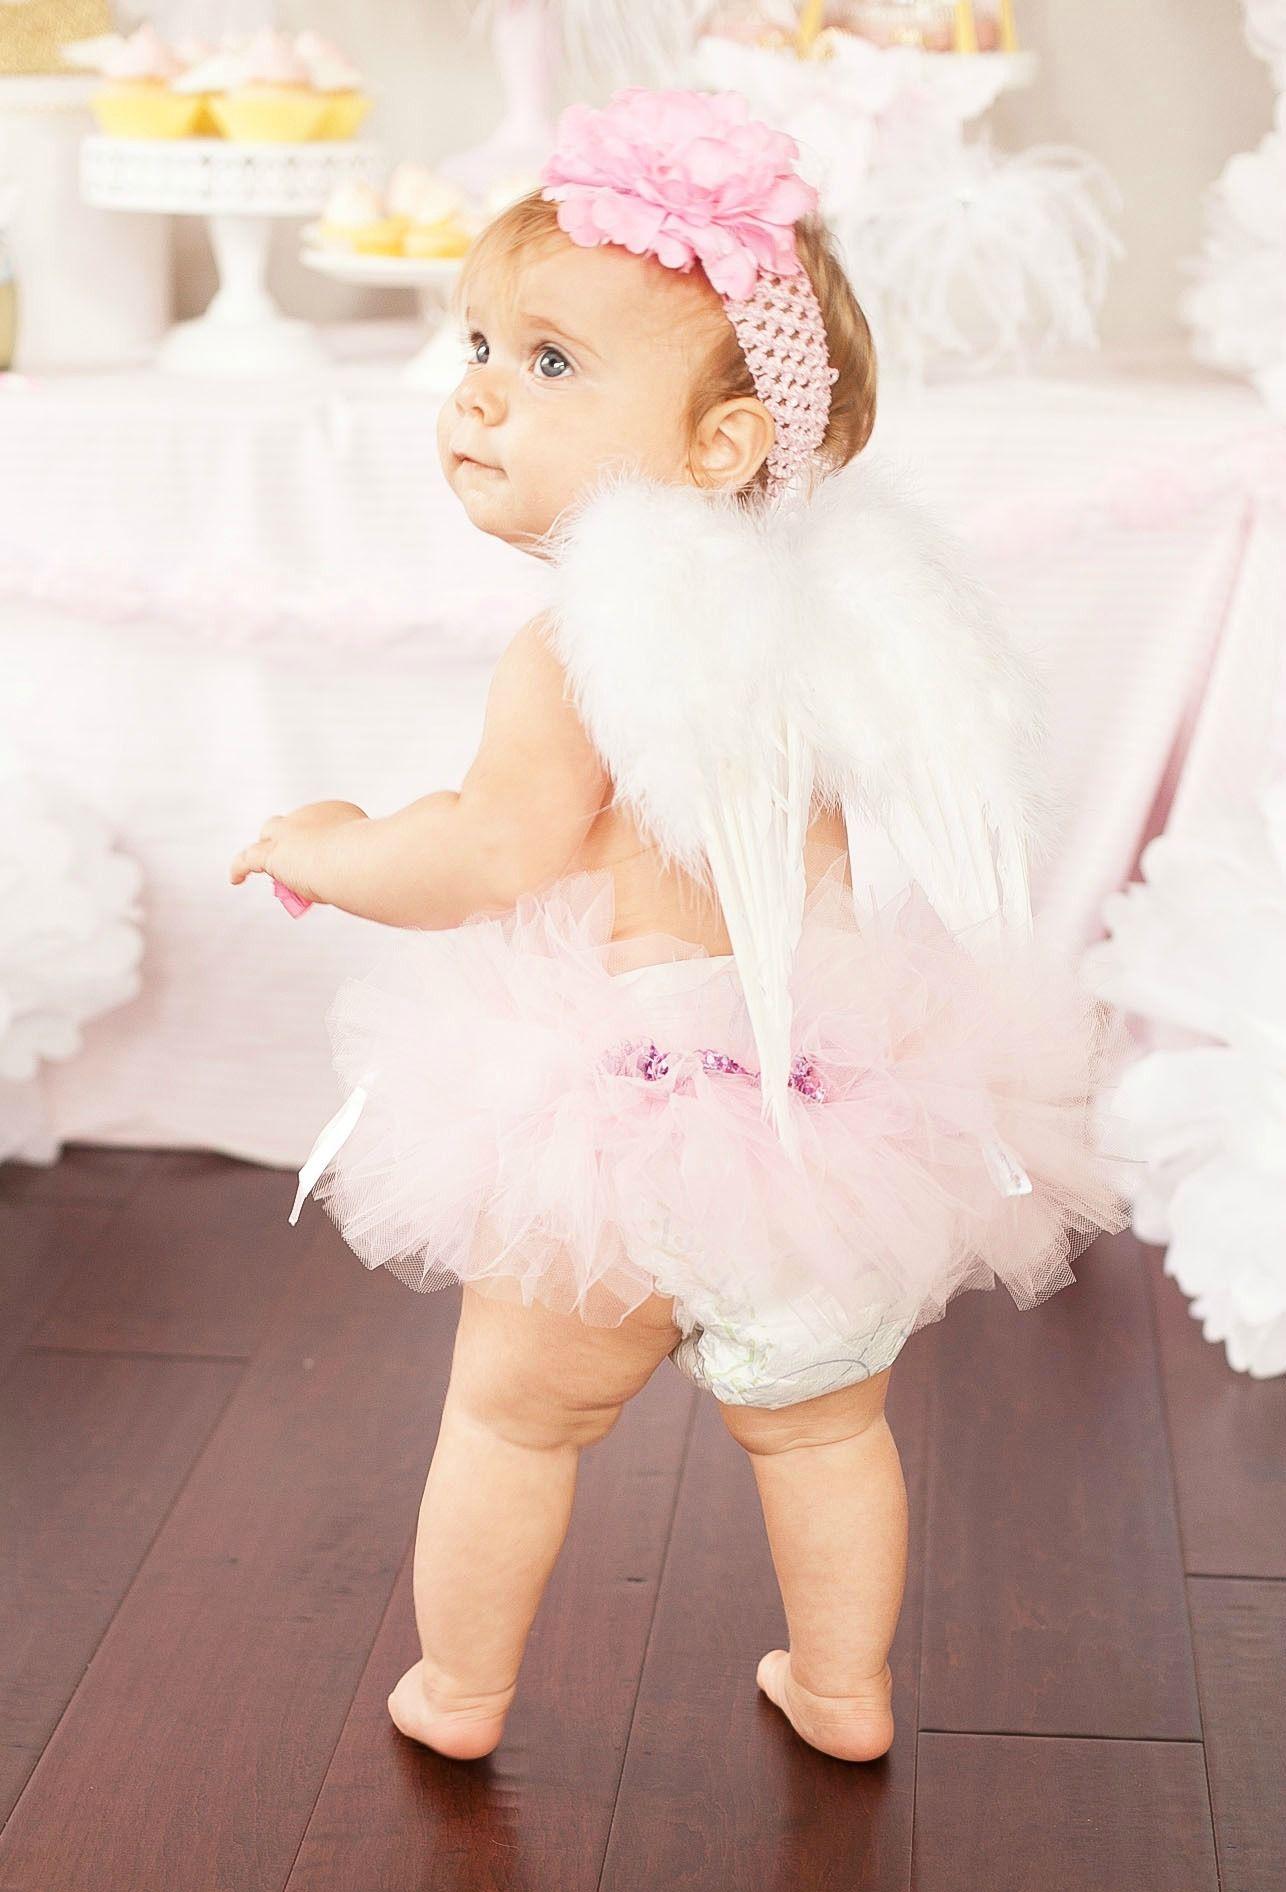 da55f7b11d78d9526ce0a6537ca108ac - چند ایده جذاب تم تولد برای کودکان 1 تا 3 سال